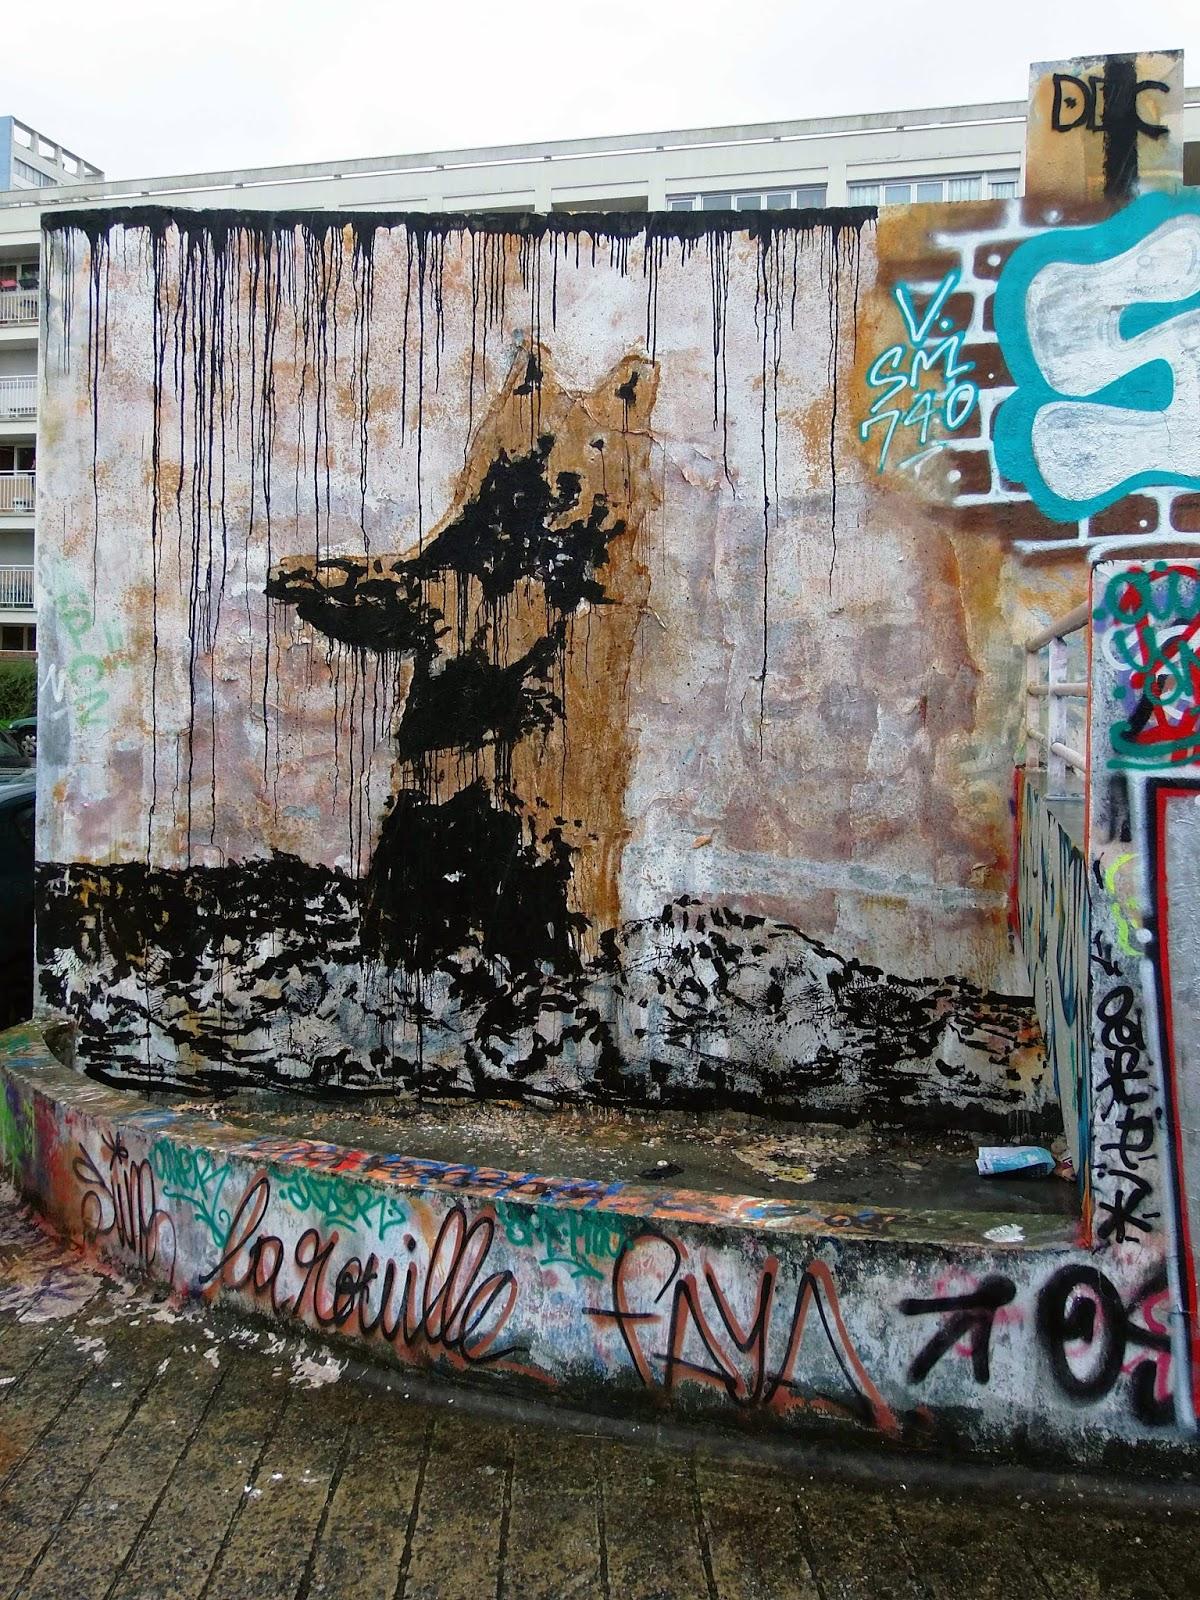 http://3.bp.blogspot.com/-6OpisB9FkEg/VAdjVhcDPqI/AAAAAAAAIXQ/muoDtgK7SQA/s1600/bd-villebois-mareuil-2014-236.jpg